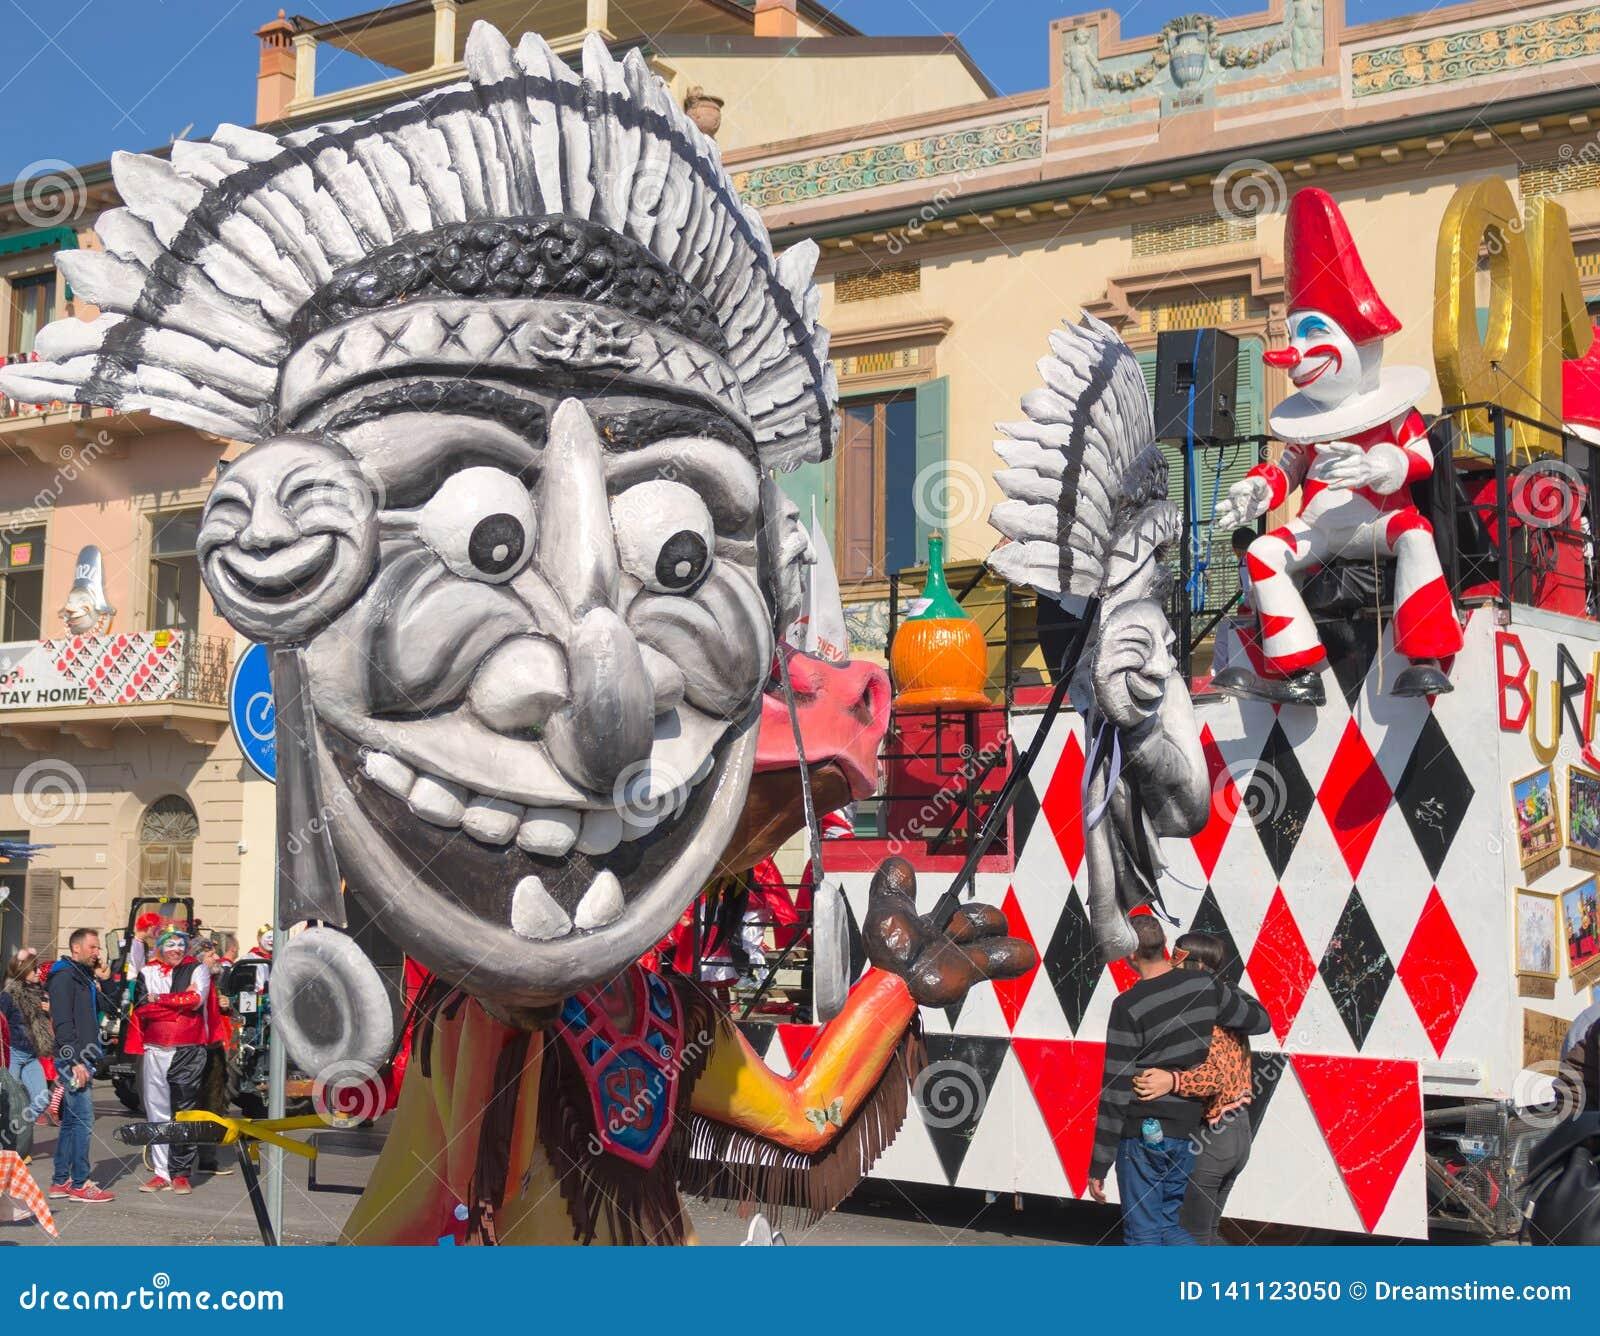 Fra le maschere c è - la maschera tipica del burlamacco- di Viareggio Carnevale 2019 di Viareggio, Toscana, Italy-1